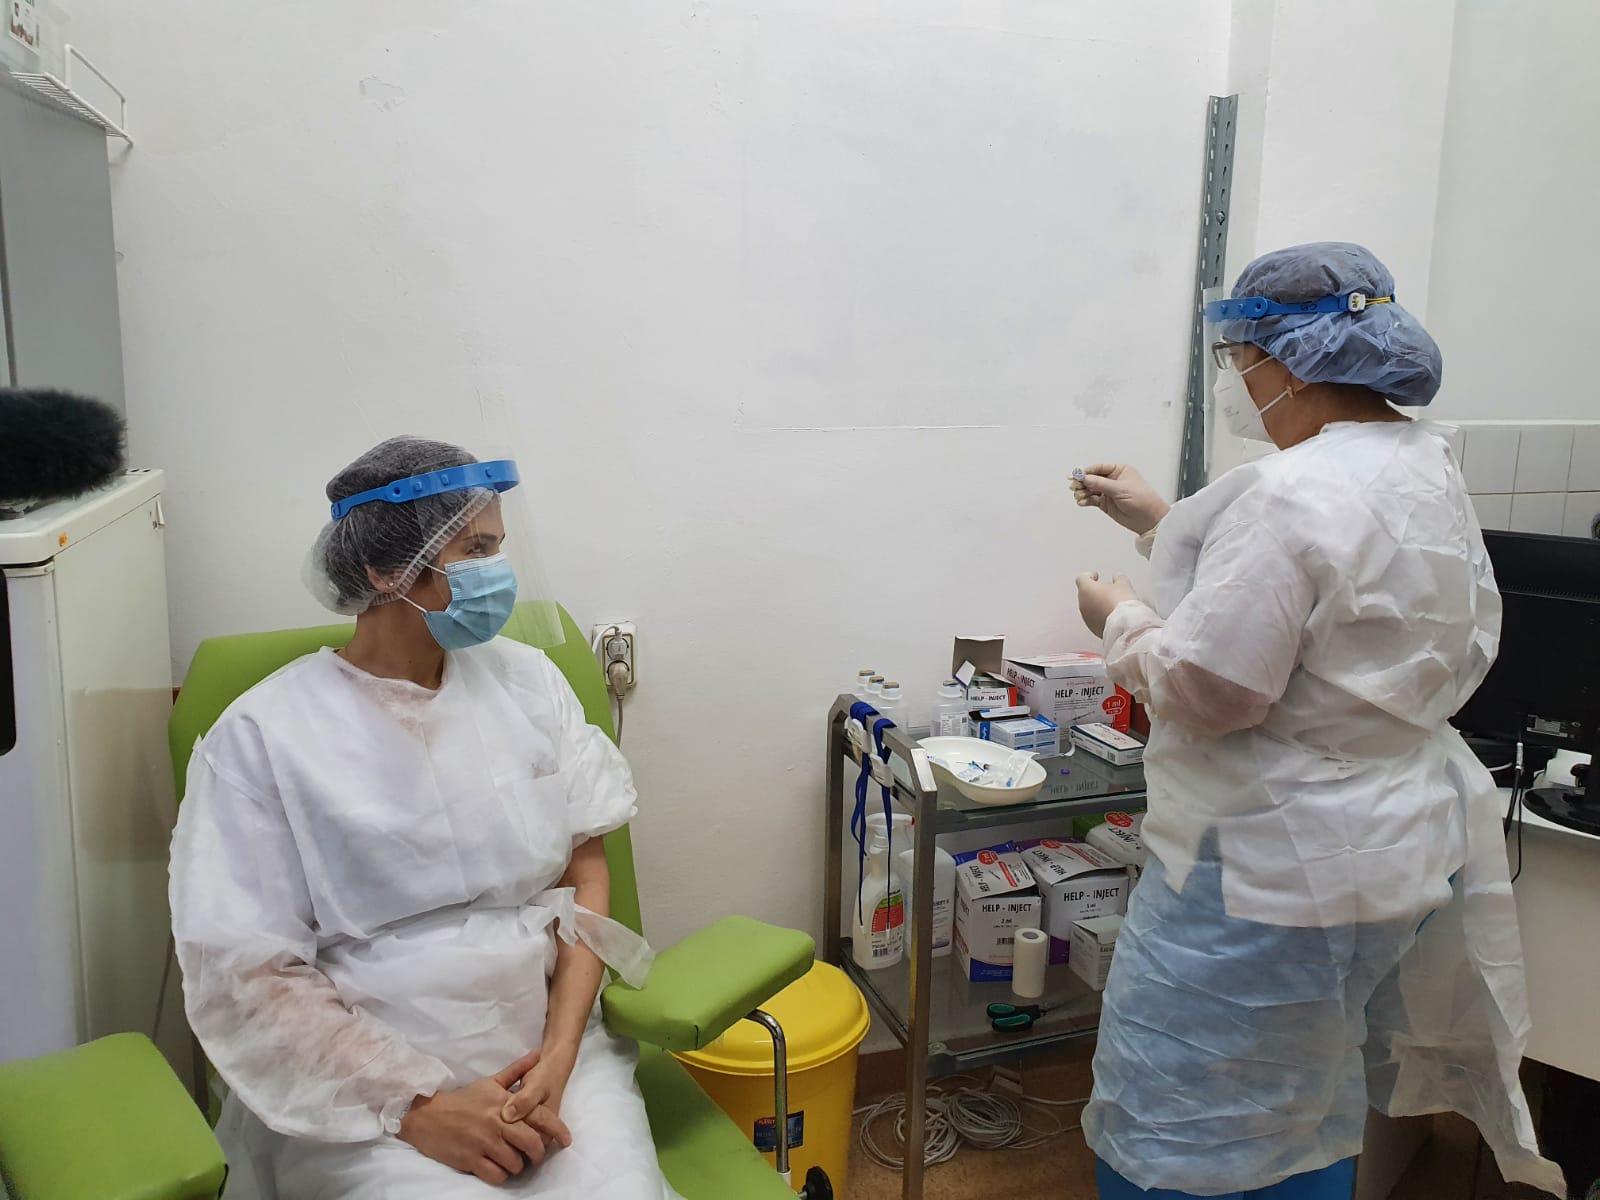 Spitalele COVID din Brașov ar urma să înceapă vaccinarea personalului în ultimele ore ale acestui an – Biz Brasov